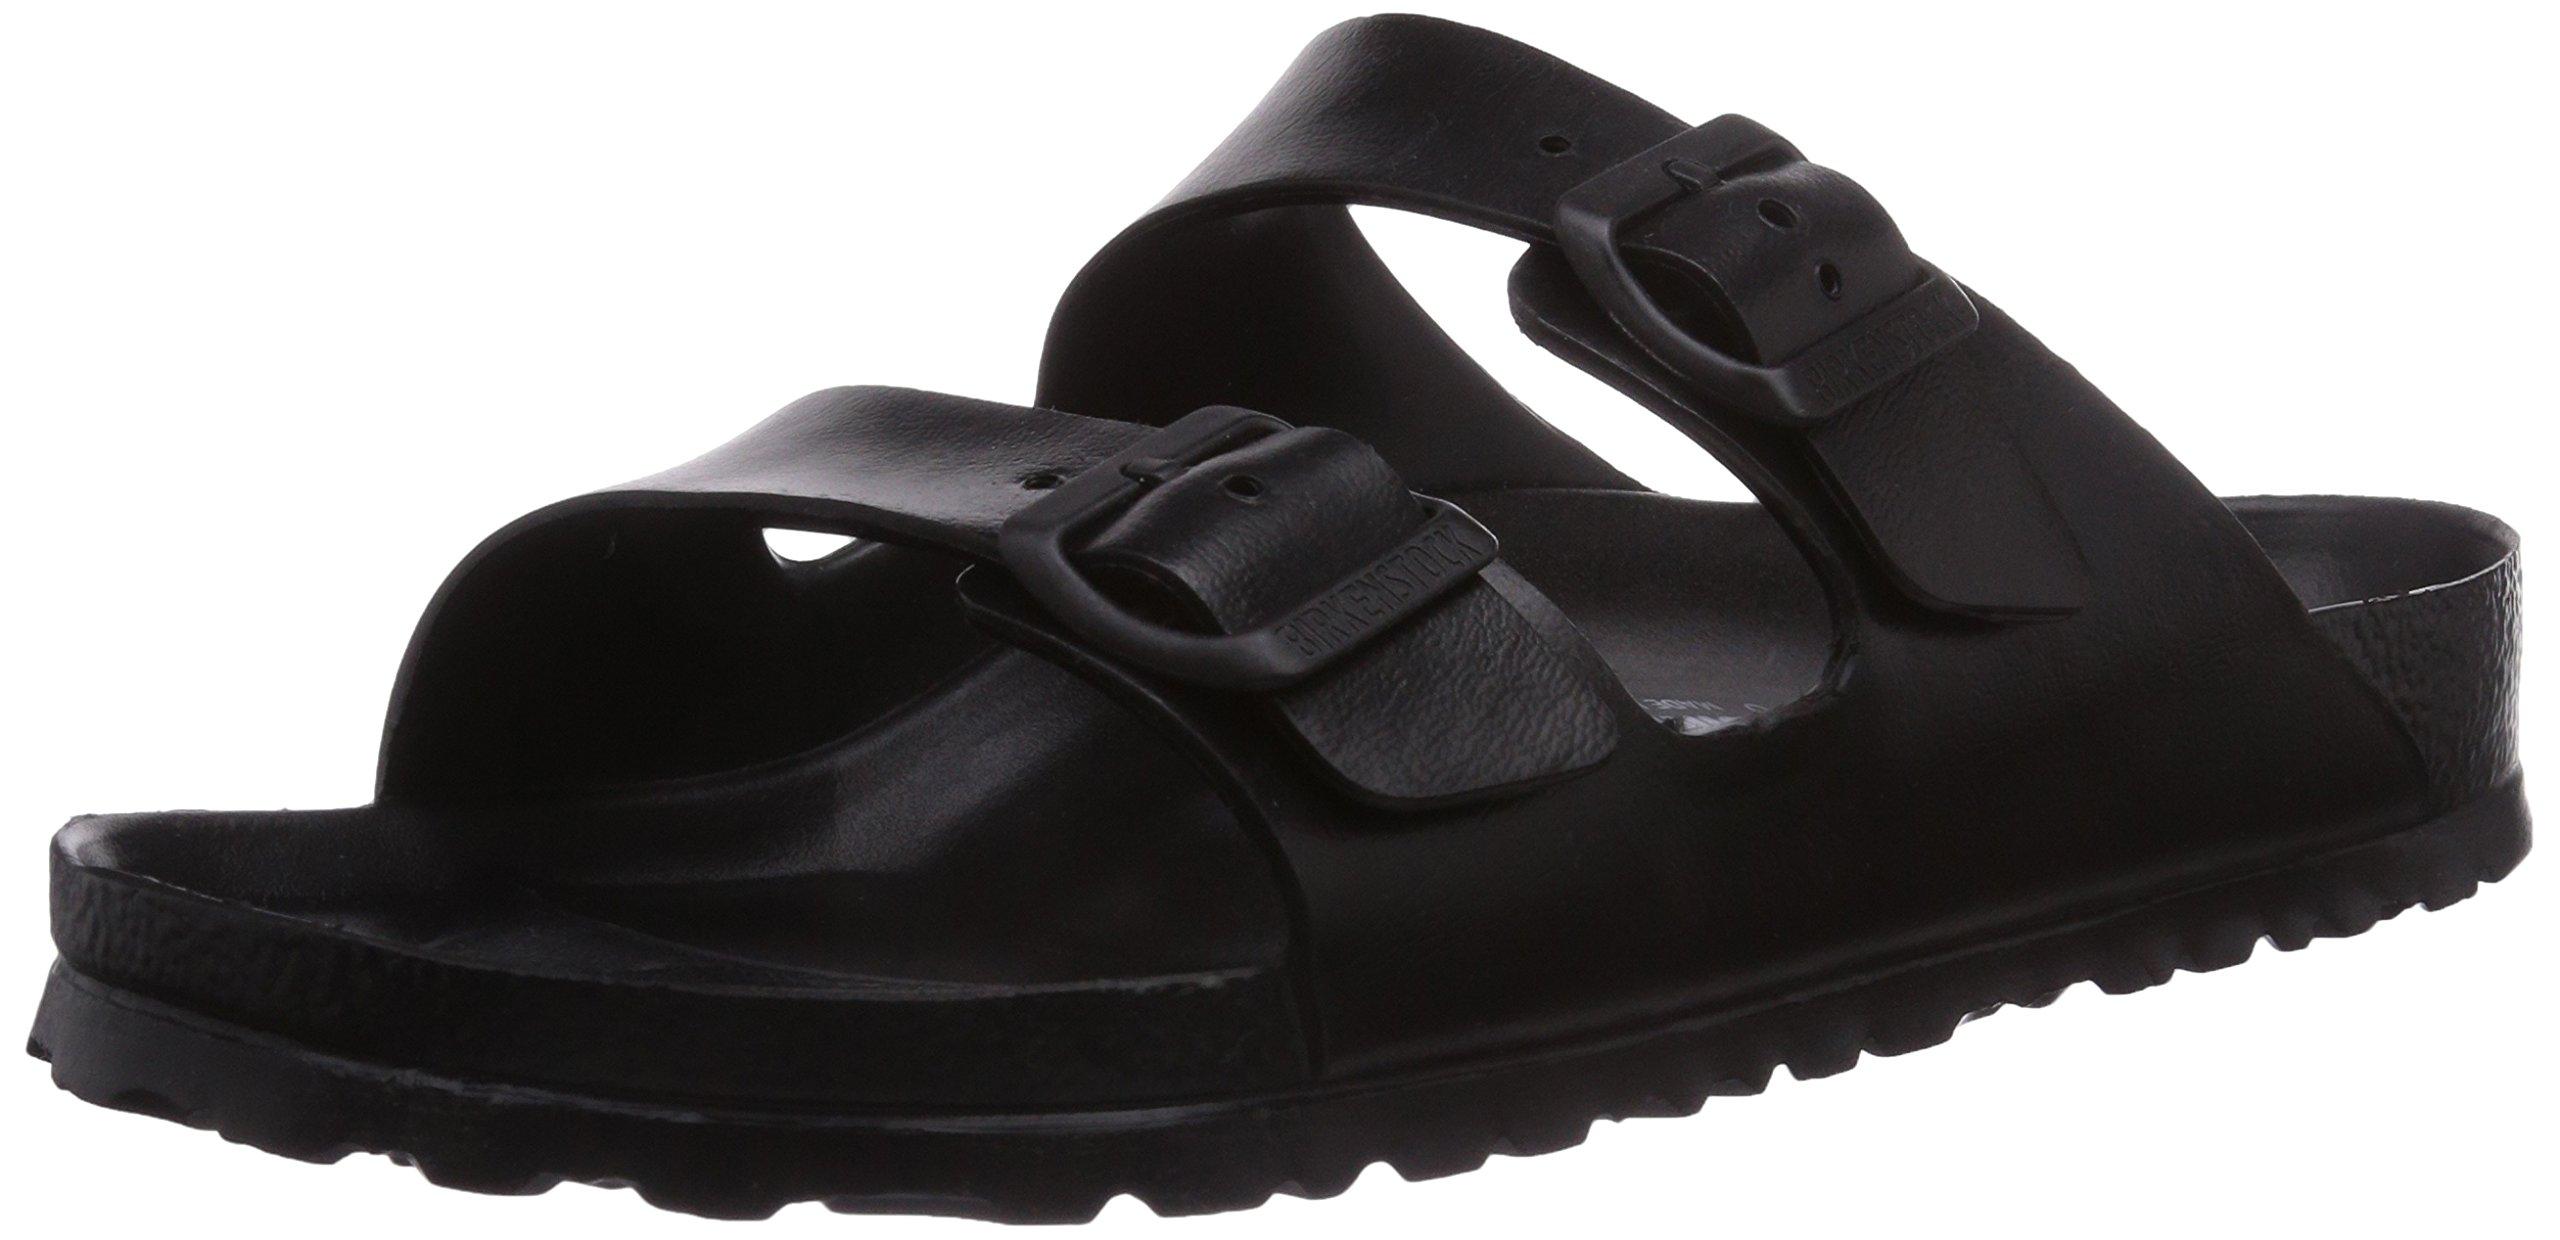 Birkenstock Unisex Arizona Essentials EVA Black Sandals - 41 M EU